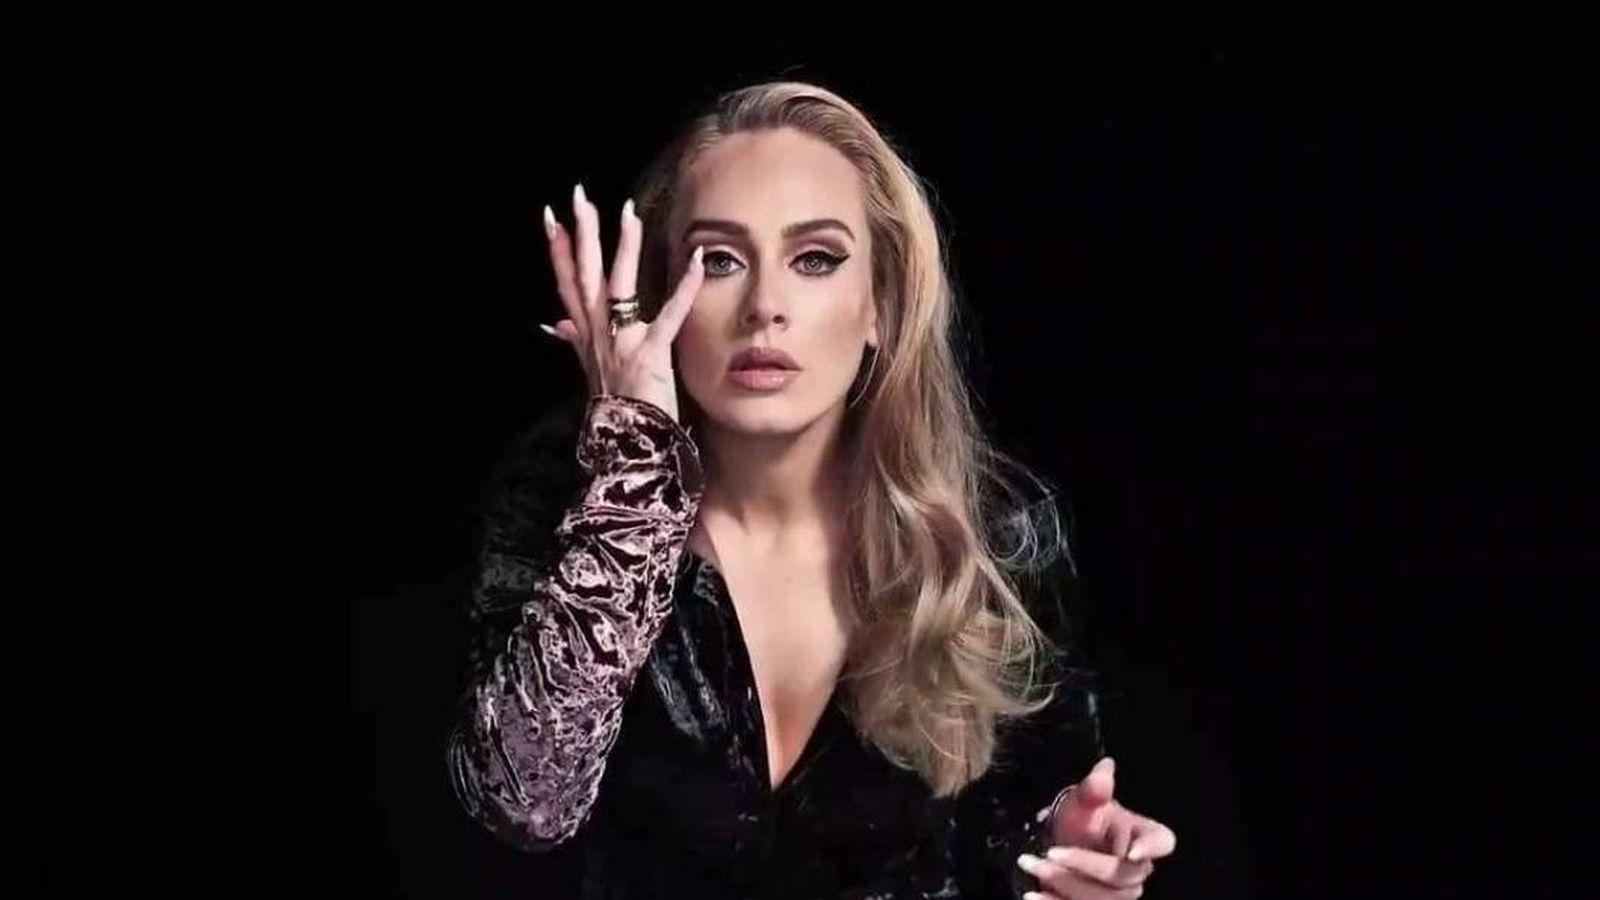 Trucos adelgazar: Adele muestra nueva imagen en televisión y habla de su  pérdida de peso